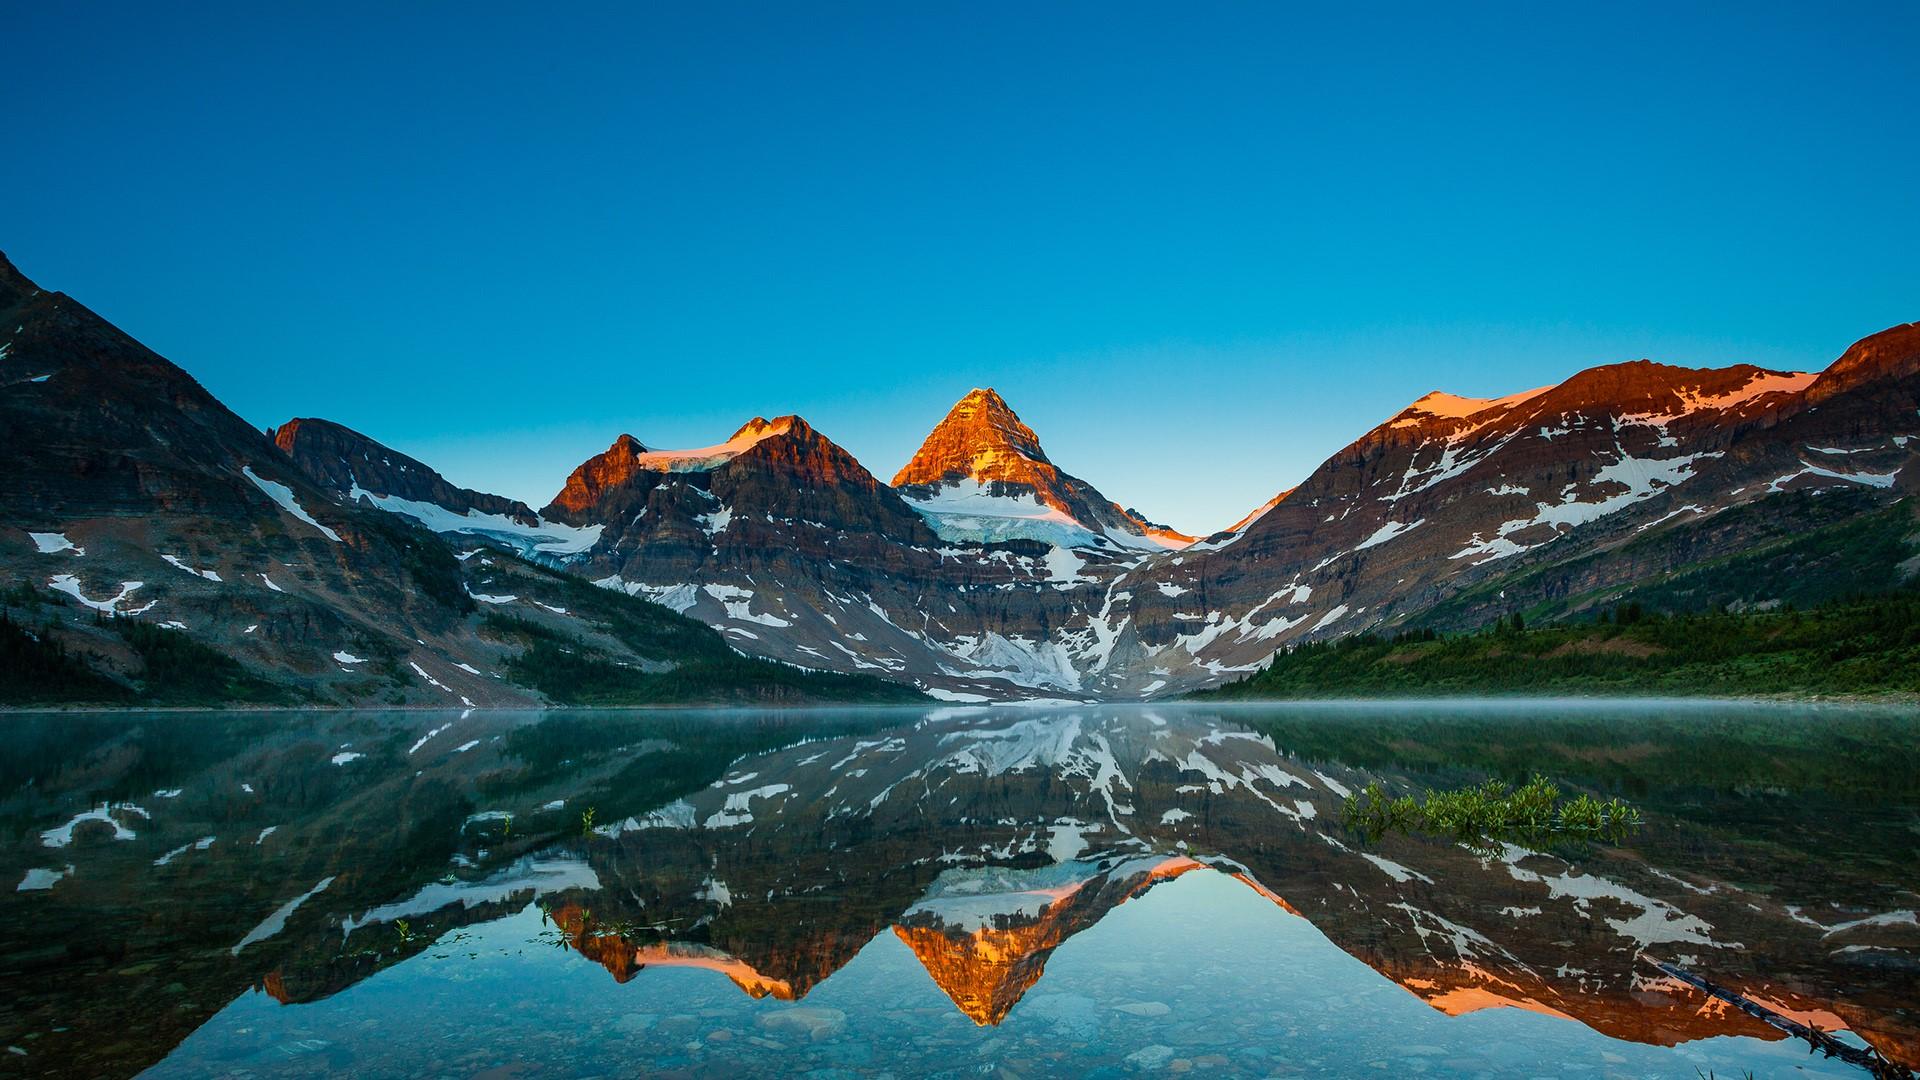 图片[7]-【壁纸分享】自然风景01-机核元素 - yangshader.com